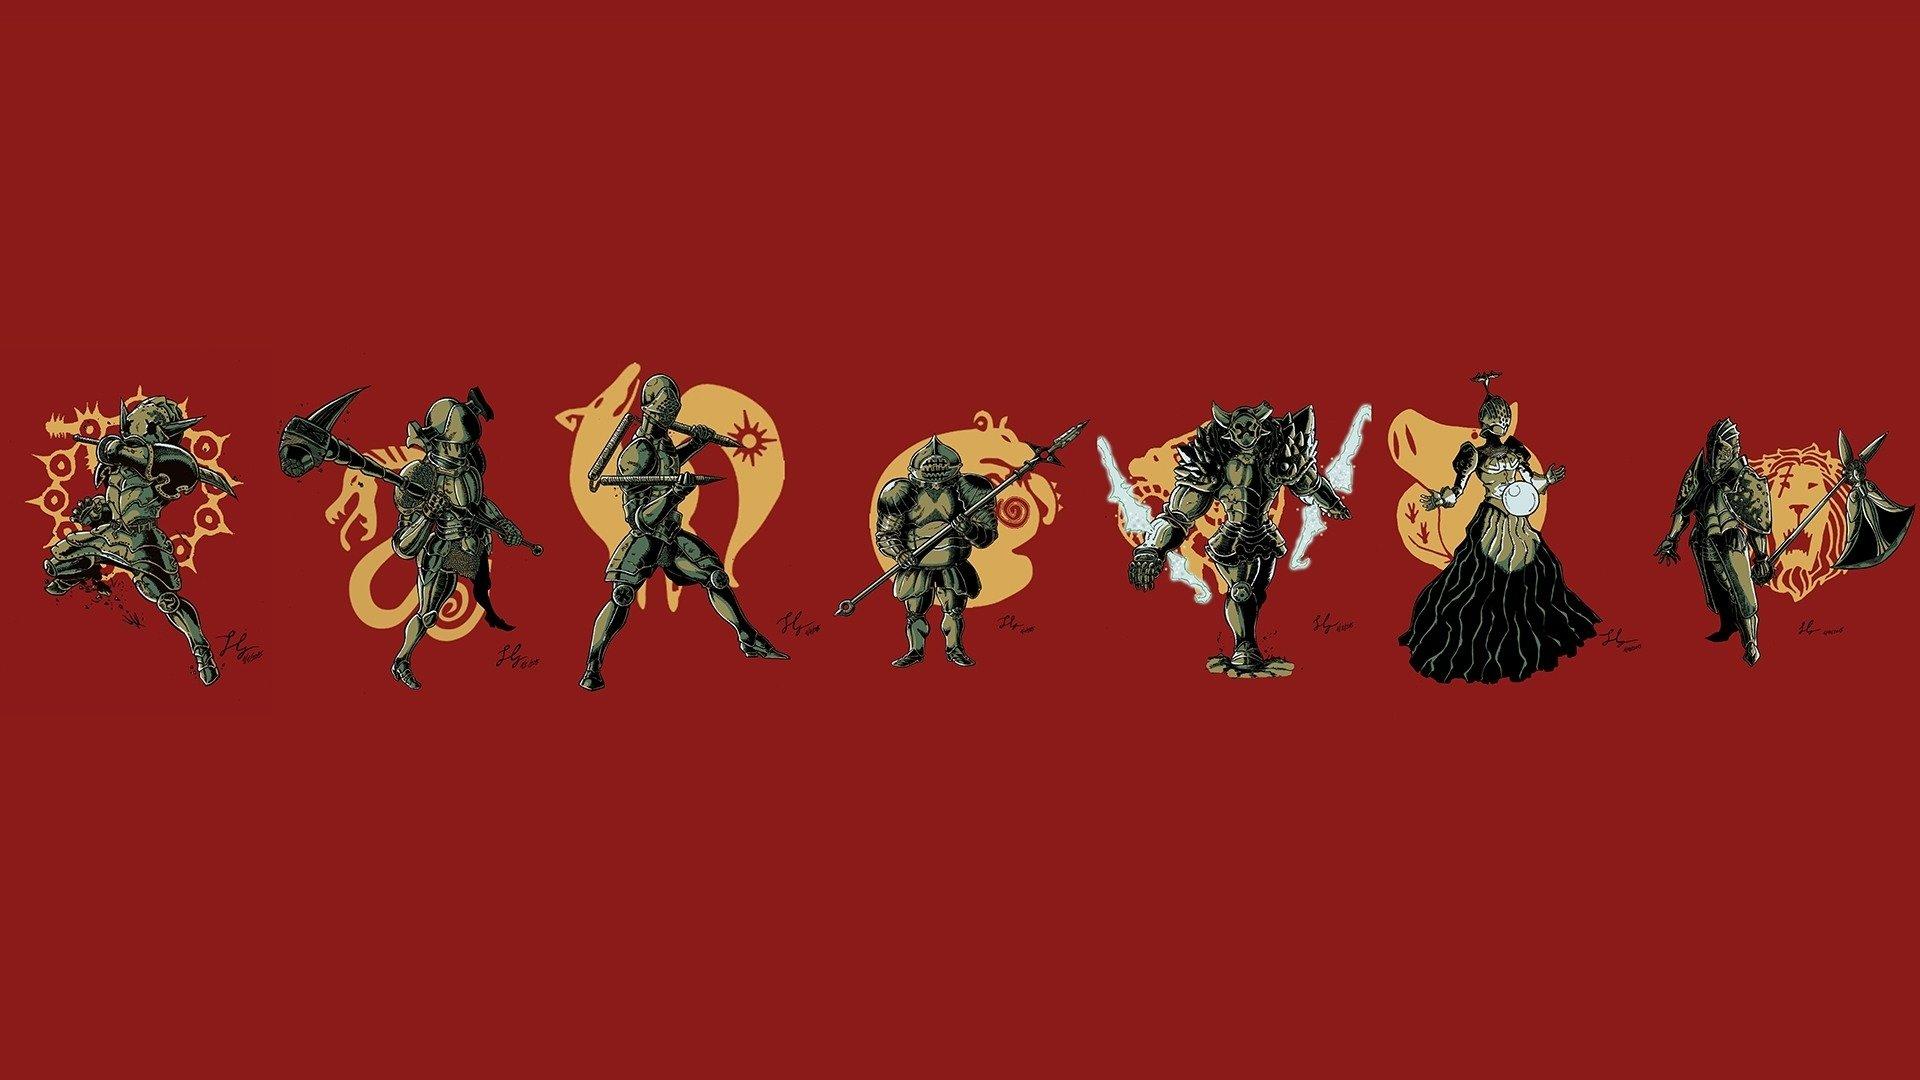 Seven Deadly Sins Hd Wallpaper Hintergrund 1920x1080